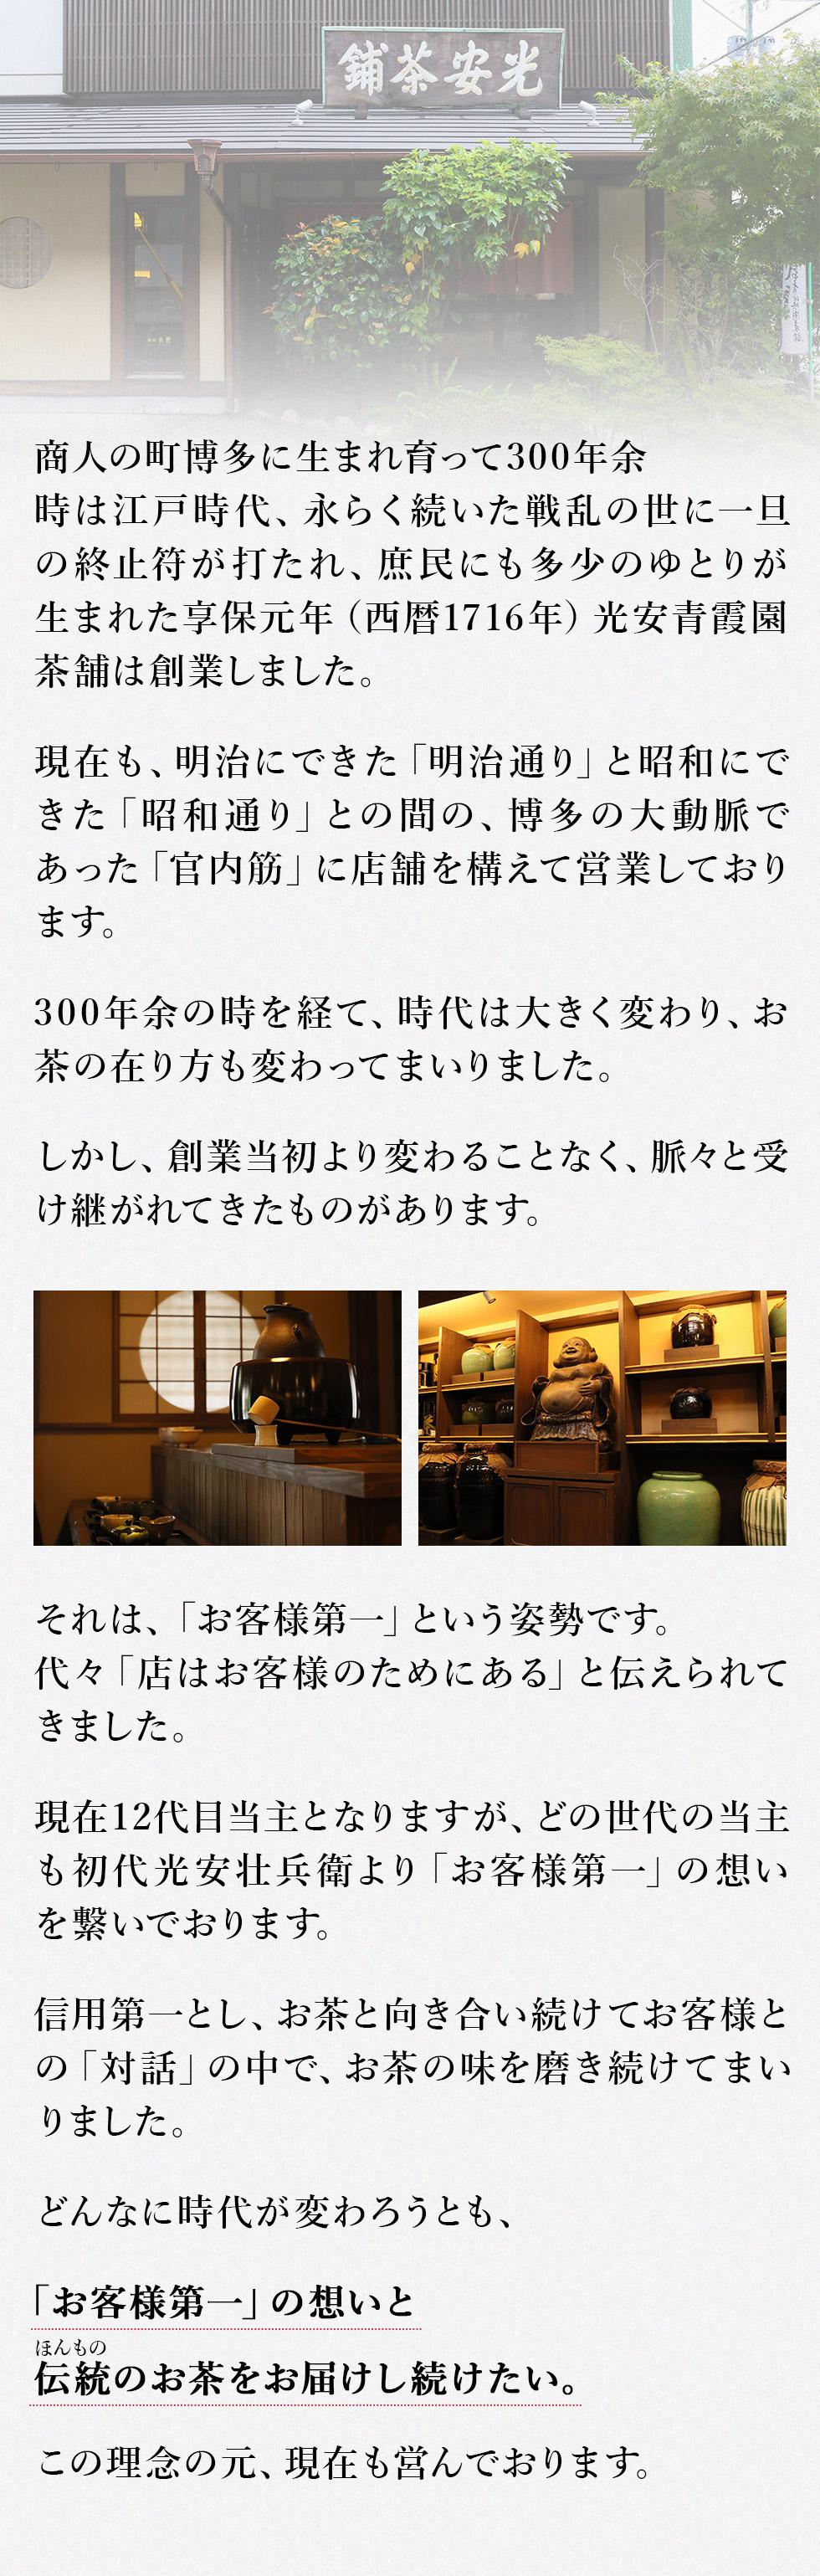 商人の町博多に生まれ育って300年余 時は江戸時代、永らく続いた戦乱の世に一旦の終止符が打たれ、庶民にも多少のゆとりが生まれた 享保元年(西暦1716年)光安青霞園茶舗は創業しました。 現在も、明治にできた「明治通り」と昭和にできた「昭和通り」との間の、博多の大動脈であった「官内筋」に店舗を構えて営業しております。 300年余の時を経て、時代は大きく変わりお茶の在り方も変わってまいりました。 しかし、創業当初より変わることなく、脈々と受け継がれてきたものがあります。 それは、 「お客様第一」という姿勢です。代々「店はお客様のためにある」と伝えられてきました。 現在12代目当主となりますが、どの世代の当主も初代光安壮兵衛より「お客様第一」の想いを繋いでおります。 信用第一とし、お茶と向き合い続けてお客様との「対話」の中で、お茶の味を磨き続けてまいりました。 どんなに時代が変わろうとも、 この「お客様第一」の想いと伝統(ほんもの)のお茶をお届けし続けたい。 この理念の元、現在も営んでおります。